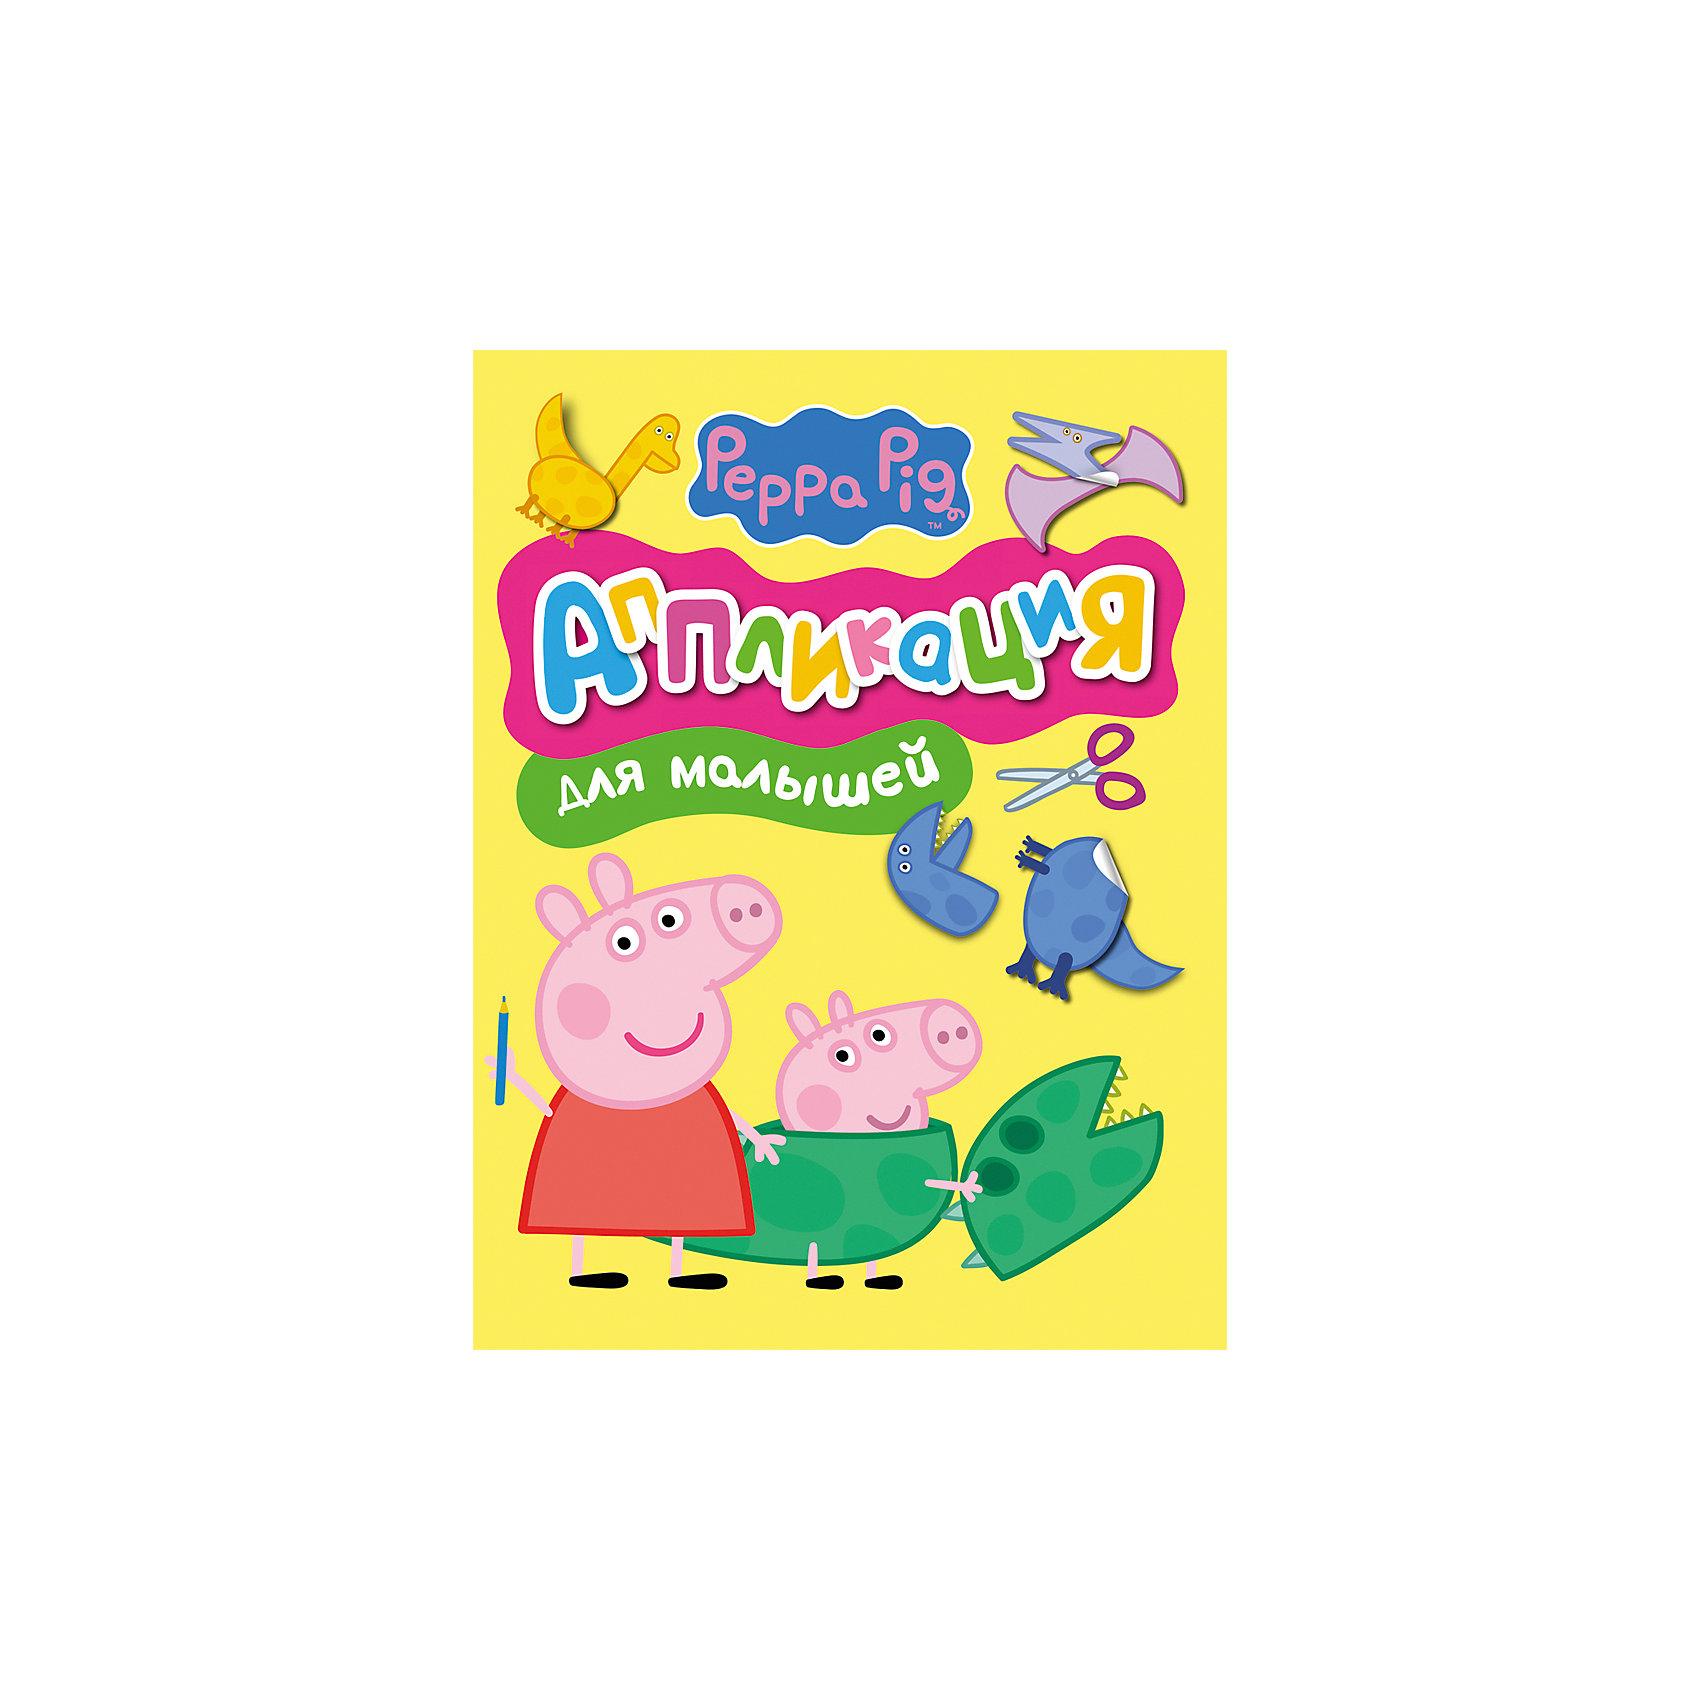 Аппликация для малышей Свинка ПеппаАппликация для малышей Свинка Пеппа – это возможность создать красочные аппликации по мотивам мультсериала «Свинка Пеппа».<br>Аппликация - это интересное и эффективное занятие, которое в увлекательной форме поможет ребенку развить аккуратность, внимание, воображение и мелкую моторику рук. Задания, собранные в этой книге, рассчитаны на детей от 3 до 5 лет. На каждом развороте вы найдете фоновую картинку для наклеивания деталей, перечень необходимых элементов, пошаговую инструкцию и иллюстрацию-подсказку. Все необходимые детали даны в конце книги. Вам потребуются только безопасные ножницы, клей и немного фантазии!<br><br>Дополнительная информация:<br><br>- Редактор: Смилевска Л.<br>- Издательство: Росмэн<br>- Тип обложки: мягкая обложка<br>- Иллюстрации: цветные<br>- Количество страниц: 12 (офсет)<br>- Размер: 275х210х2 мм.<br>- Вес: 60 гр.<br><br>Книгу Аппликация для малышей Свинка Пеппа можно купить в нашем интернет-магазине.<br><br>Ширина мм: 275<br>Глубина мм: 210<br>Высота мм: 1<br>Вес г: 60<br>Возраст от месяцев: 36<br>Возраст до месяцев: 60<br>Пол: Унисекс<br>Возраст: Детский<br>SKU: 4572995